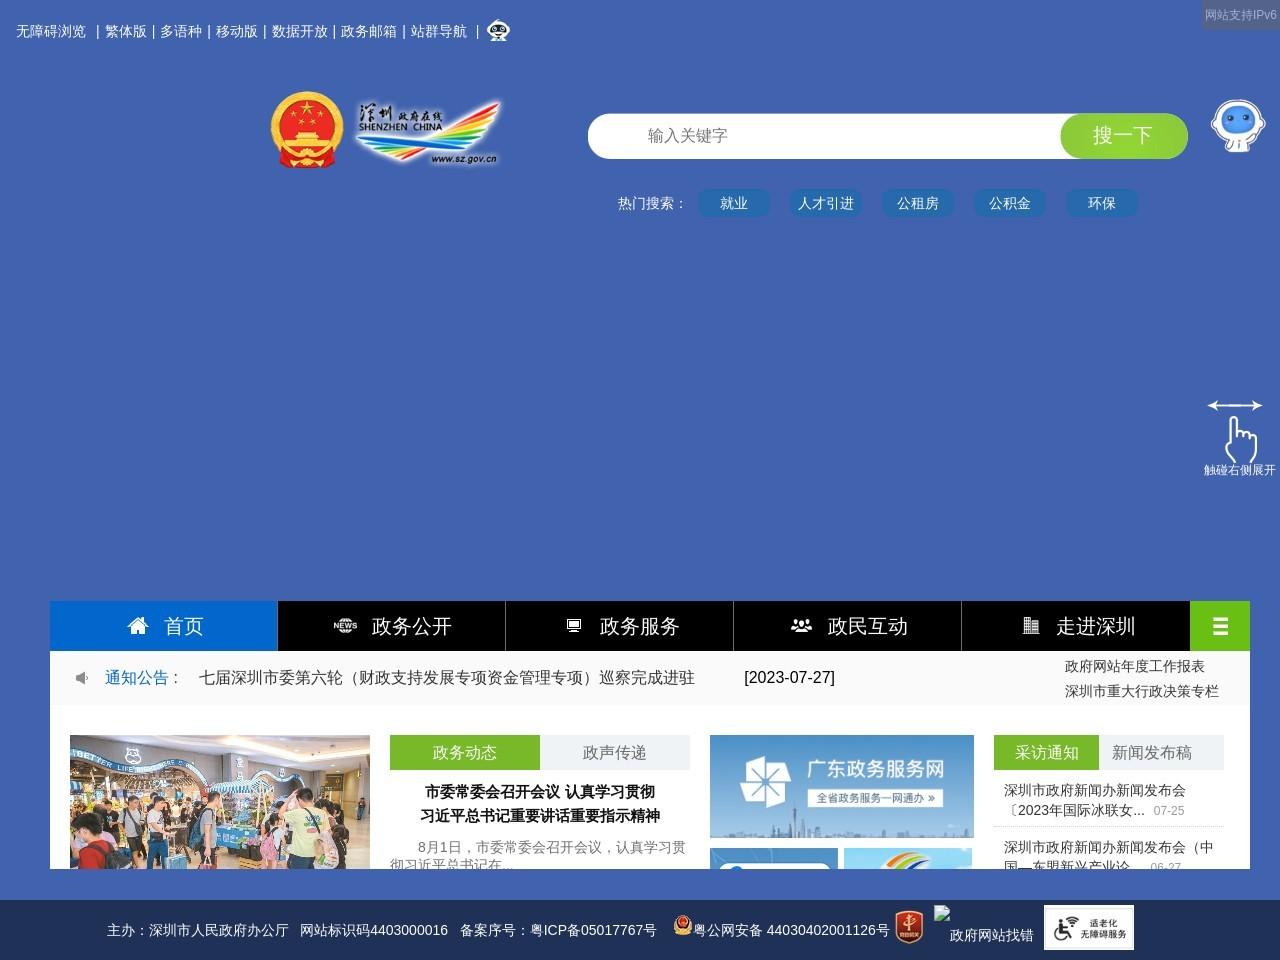 深圳市政府新闻办新闻发布会<br/>(《深圳市建设中国特色社会主义先行示范区节水典范城市工作方案(2020-2025年)》)--采访通知